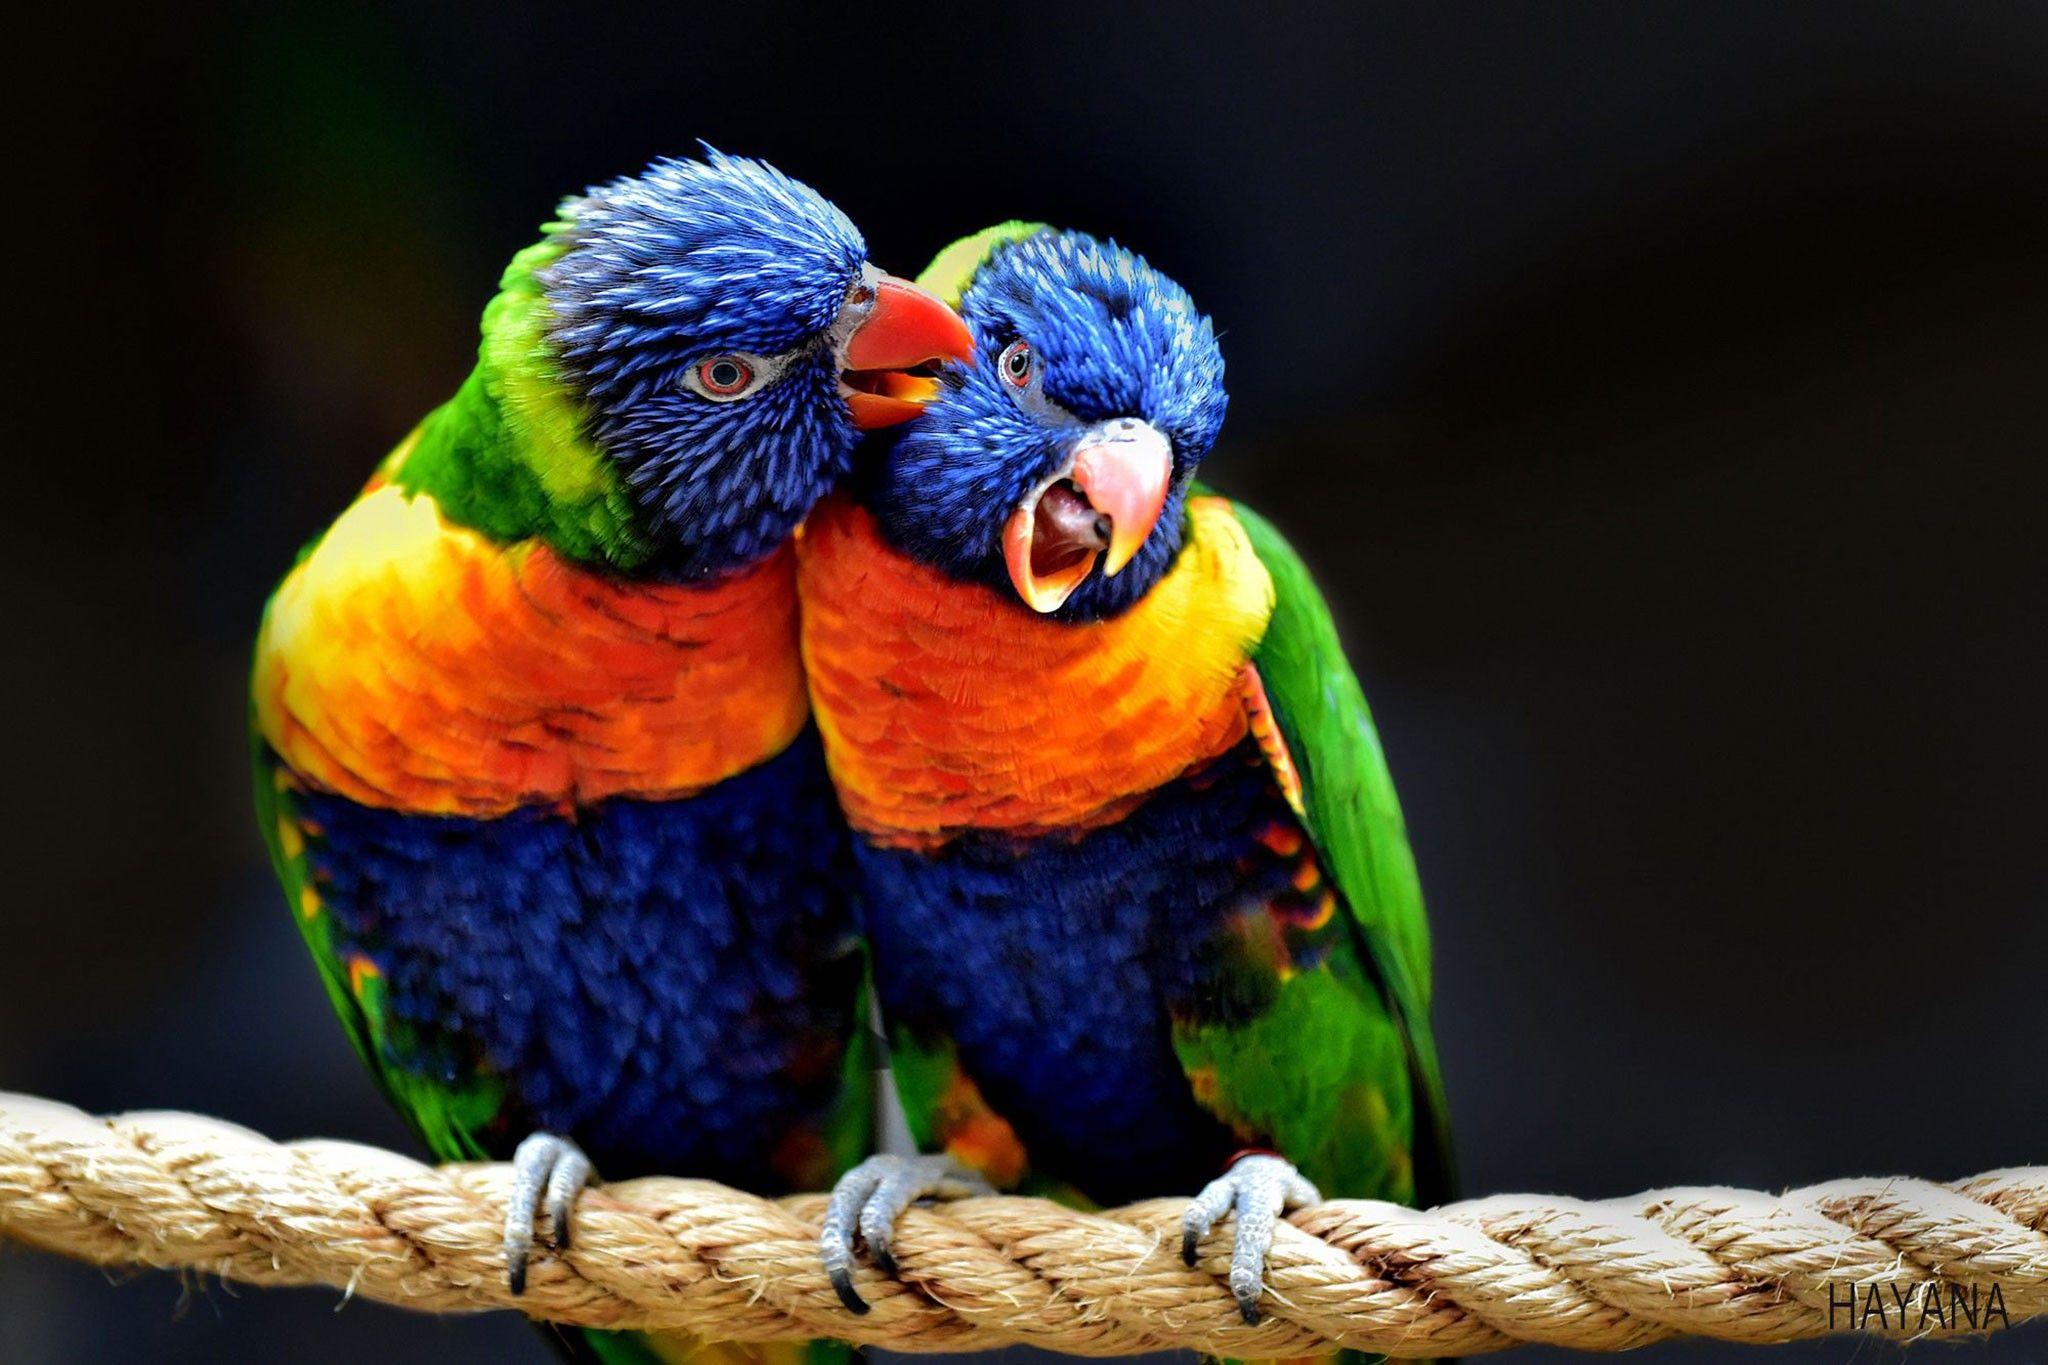 Galerie: Um die Welt in 31 fantastischen Vogelporträts